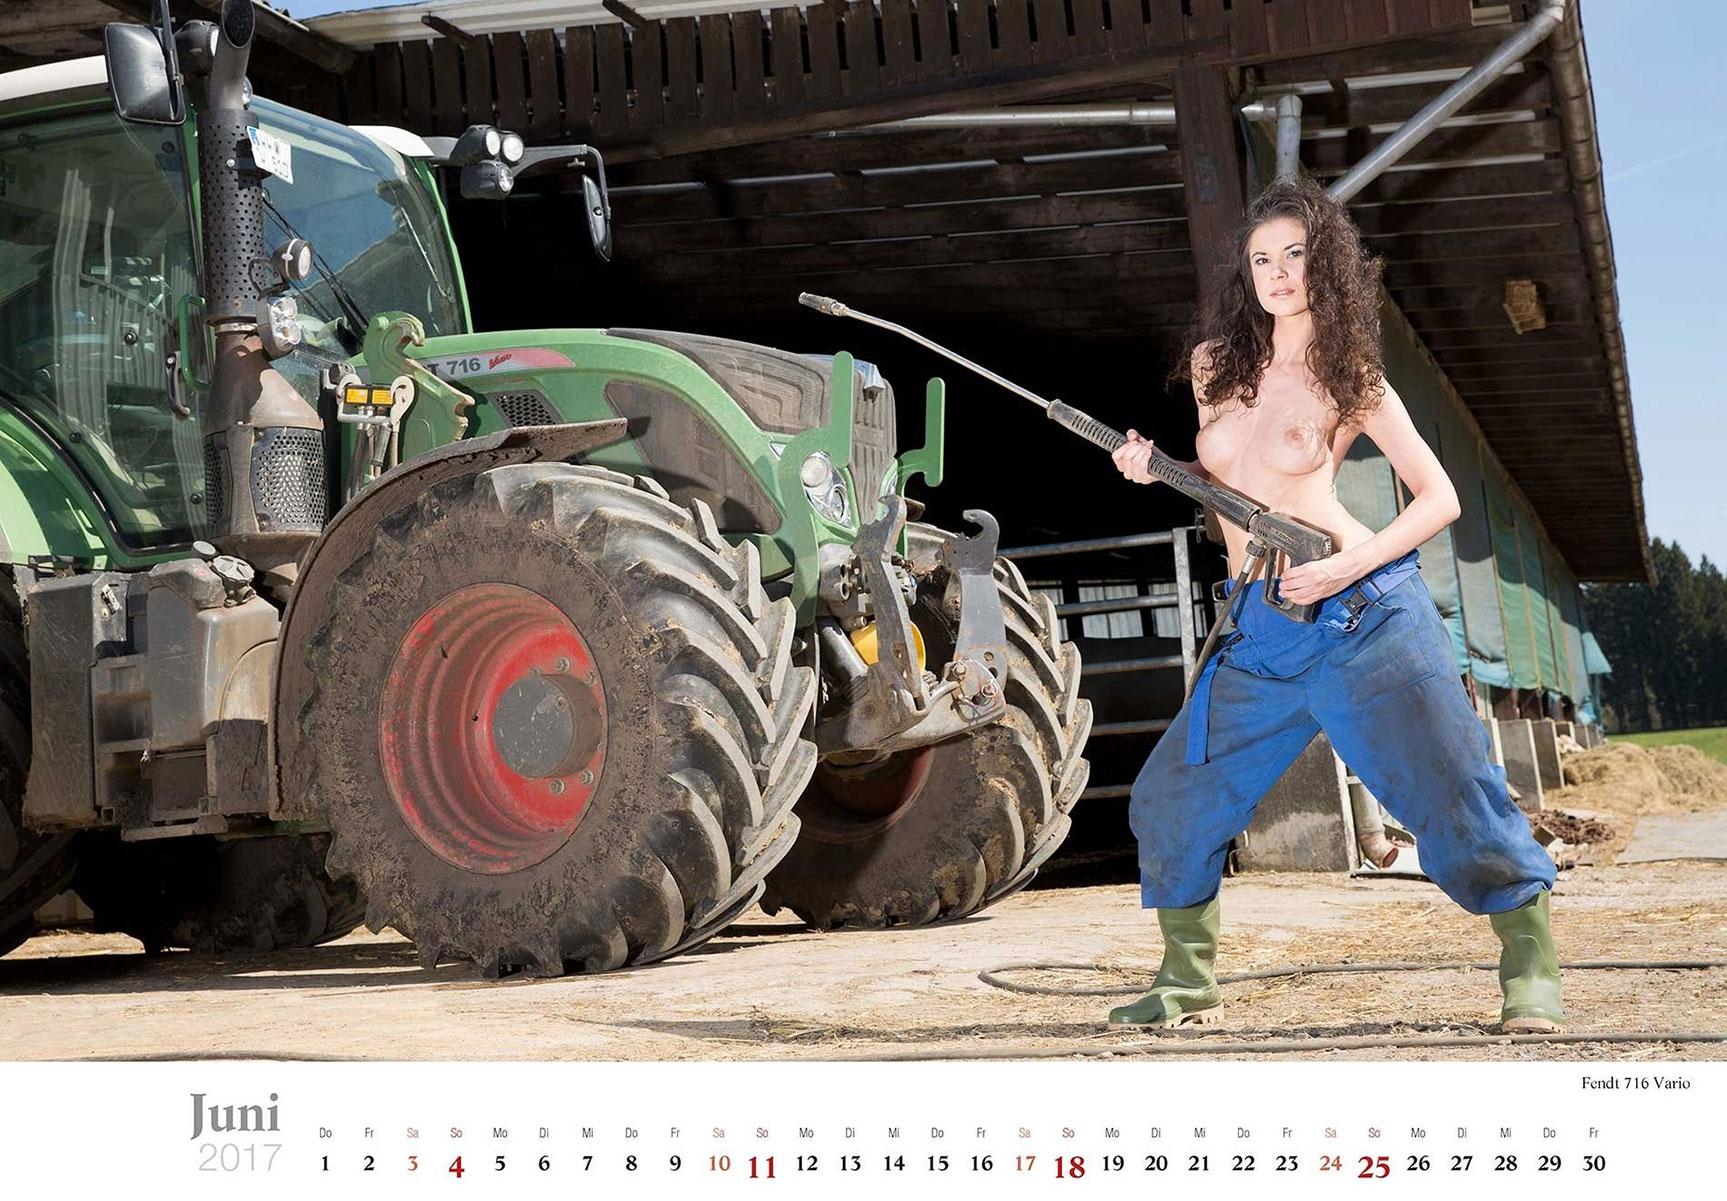 Девушки и трактора в эротическом календаре 2017 / Fendt 716 Vario - Jungbauerntraume calendar 2017